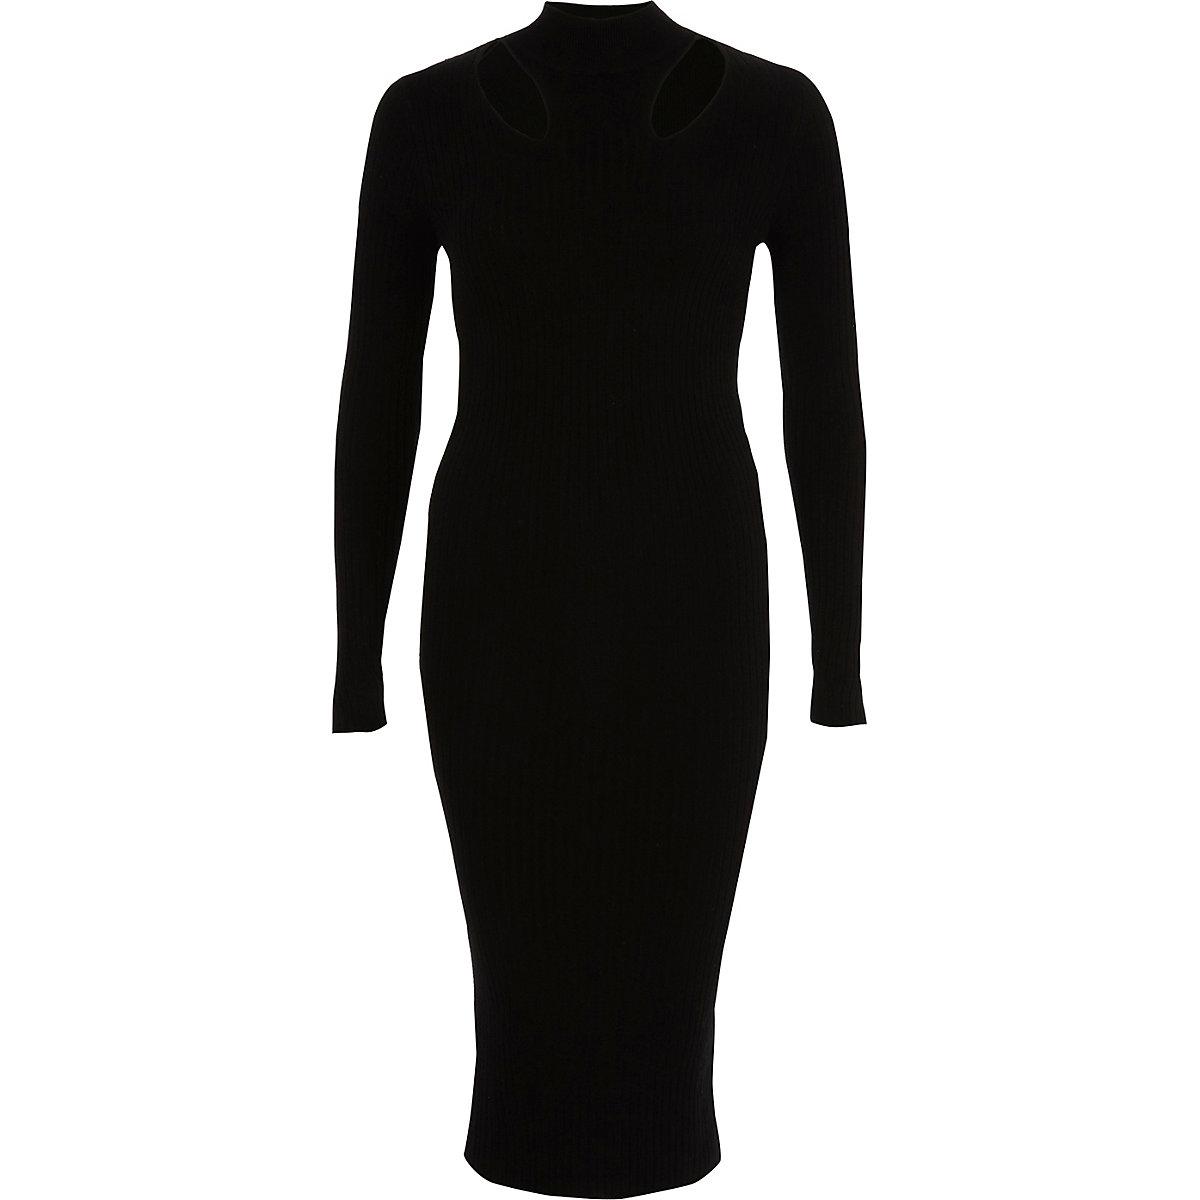 Robe mi-longue moulante noire côtelée à col montant